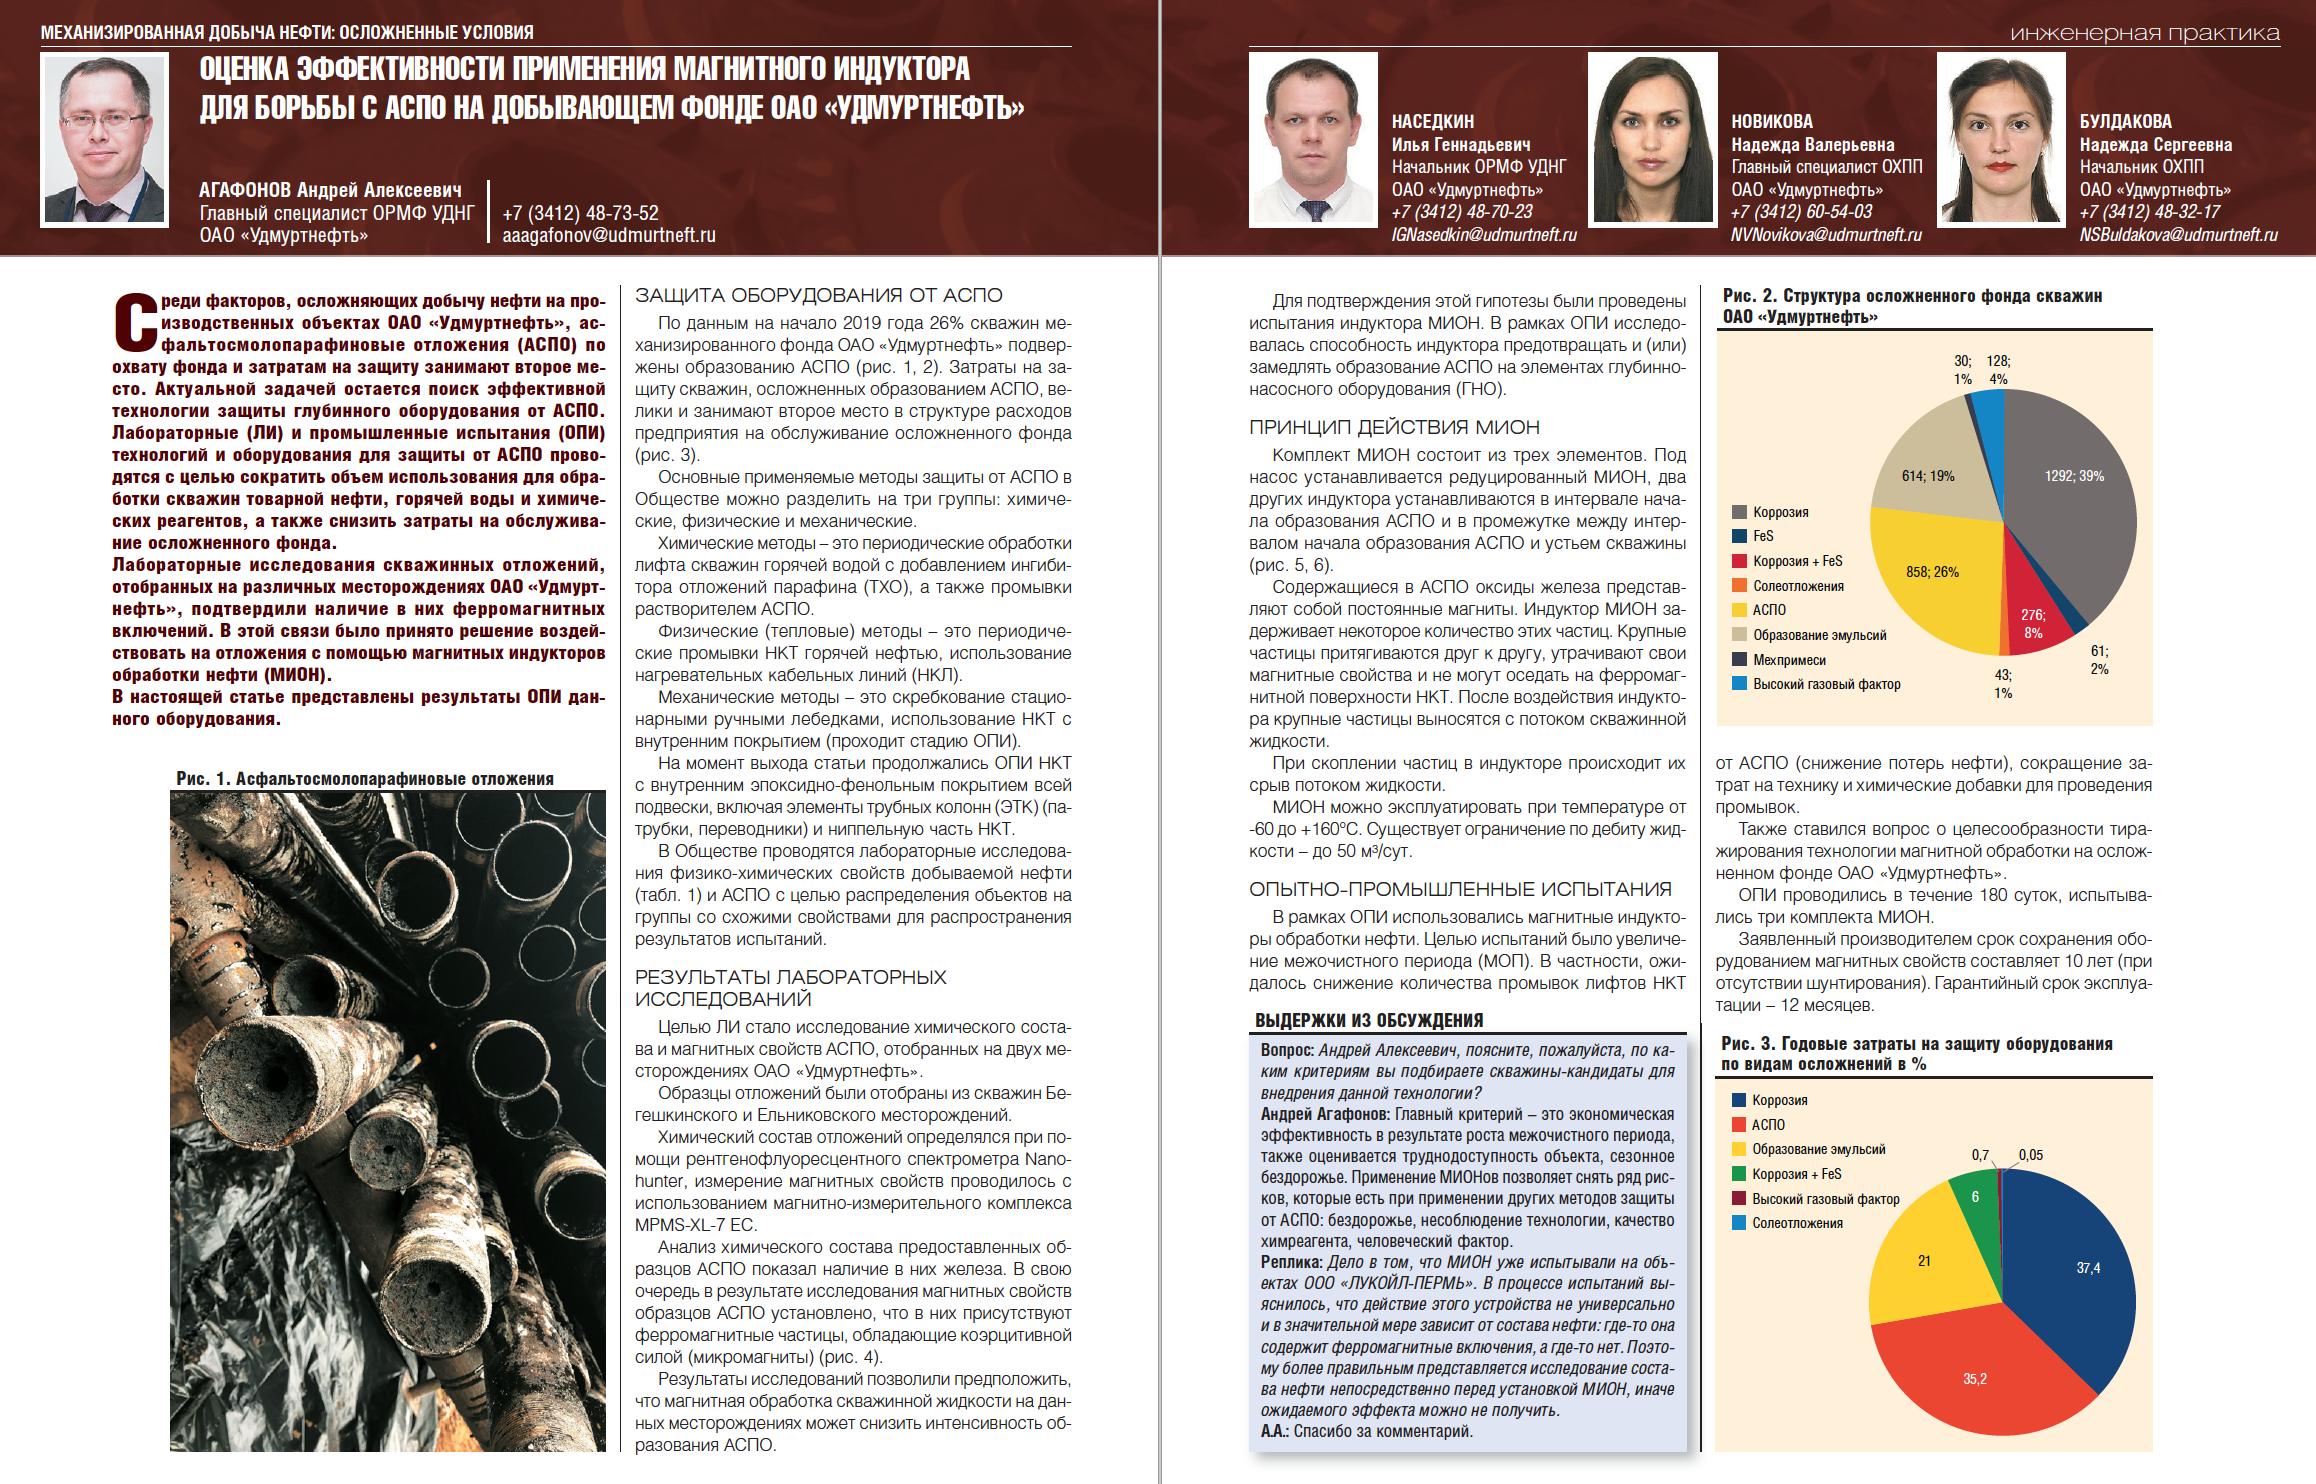 31097 Оценка эффективности применения магнитного индуктора для борьбы с АСПО на добывающем фонде ОАО «Удмуртнефть»